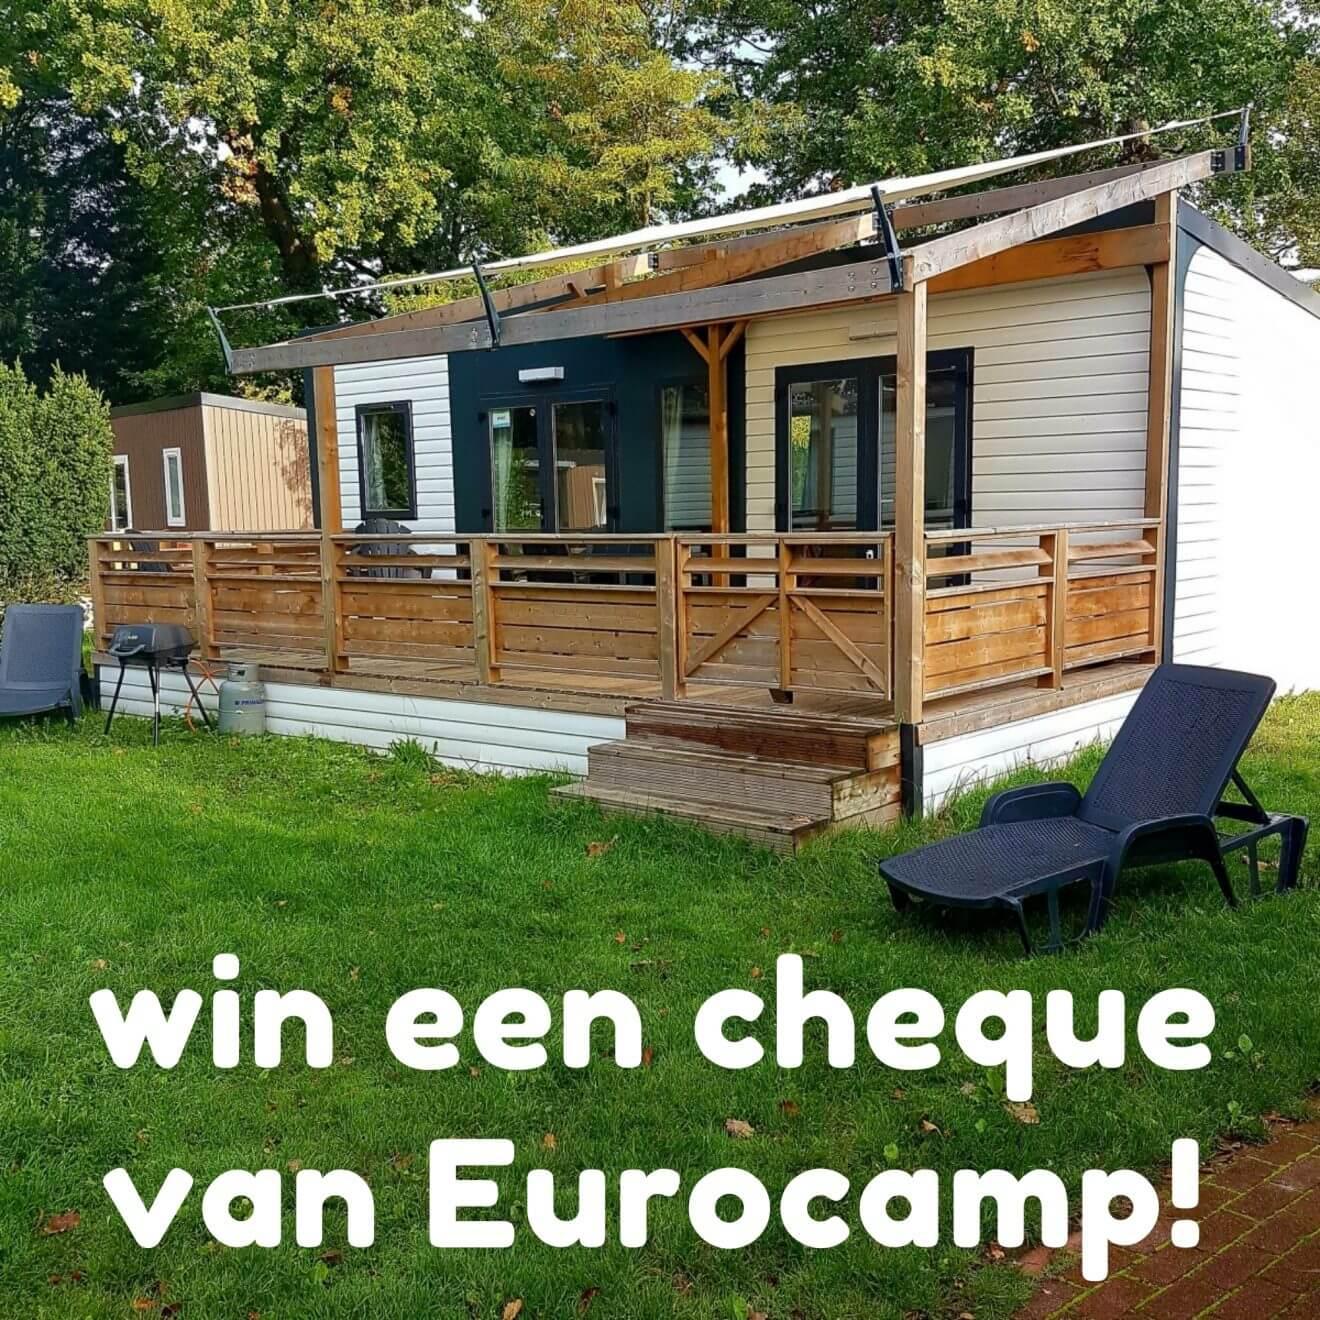 Win een Eurocamp reischeque ter waarde van 200 euro!